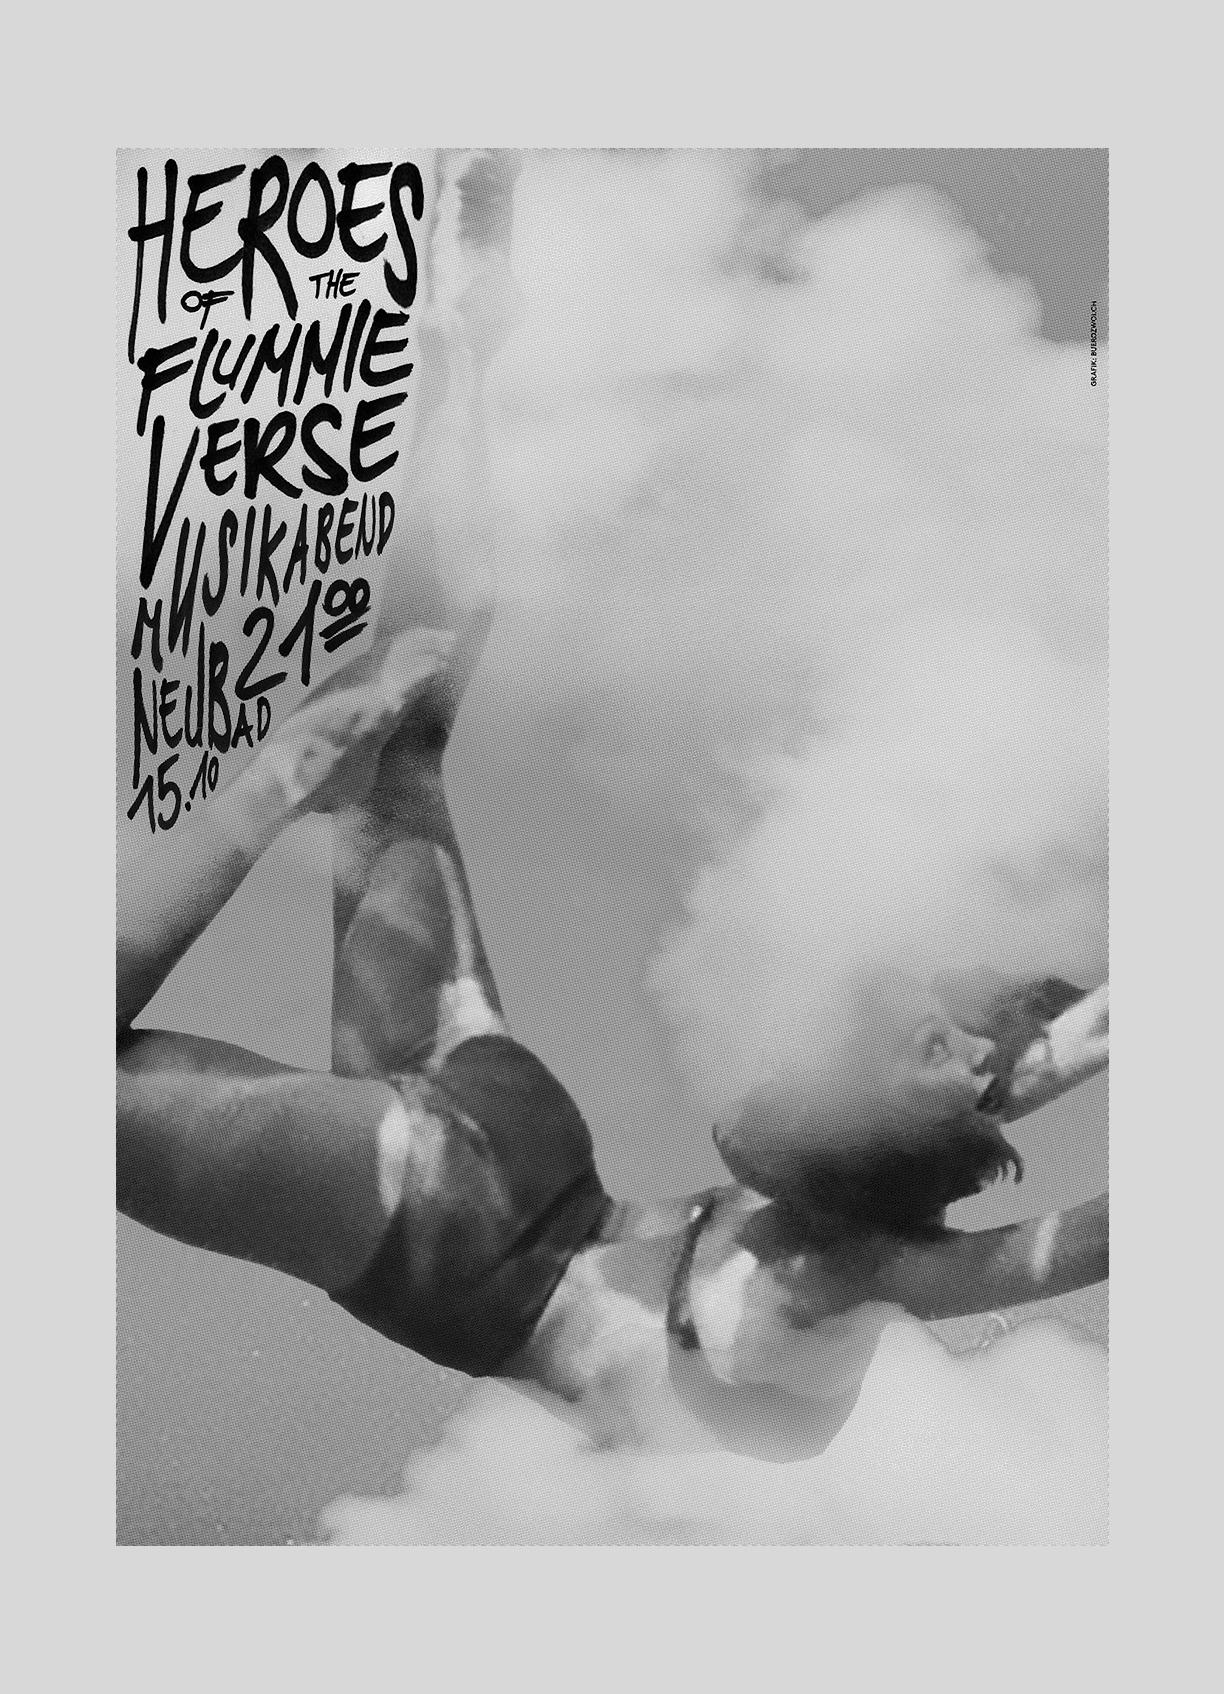 Neubad – heroes of the Flummieverse 2   Plakatserie 2016  Veranstaltungsreihe von Musikabenden.